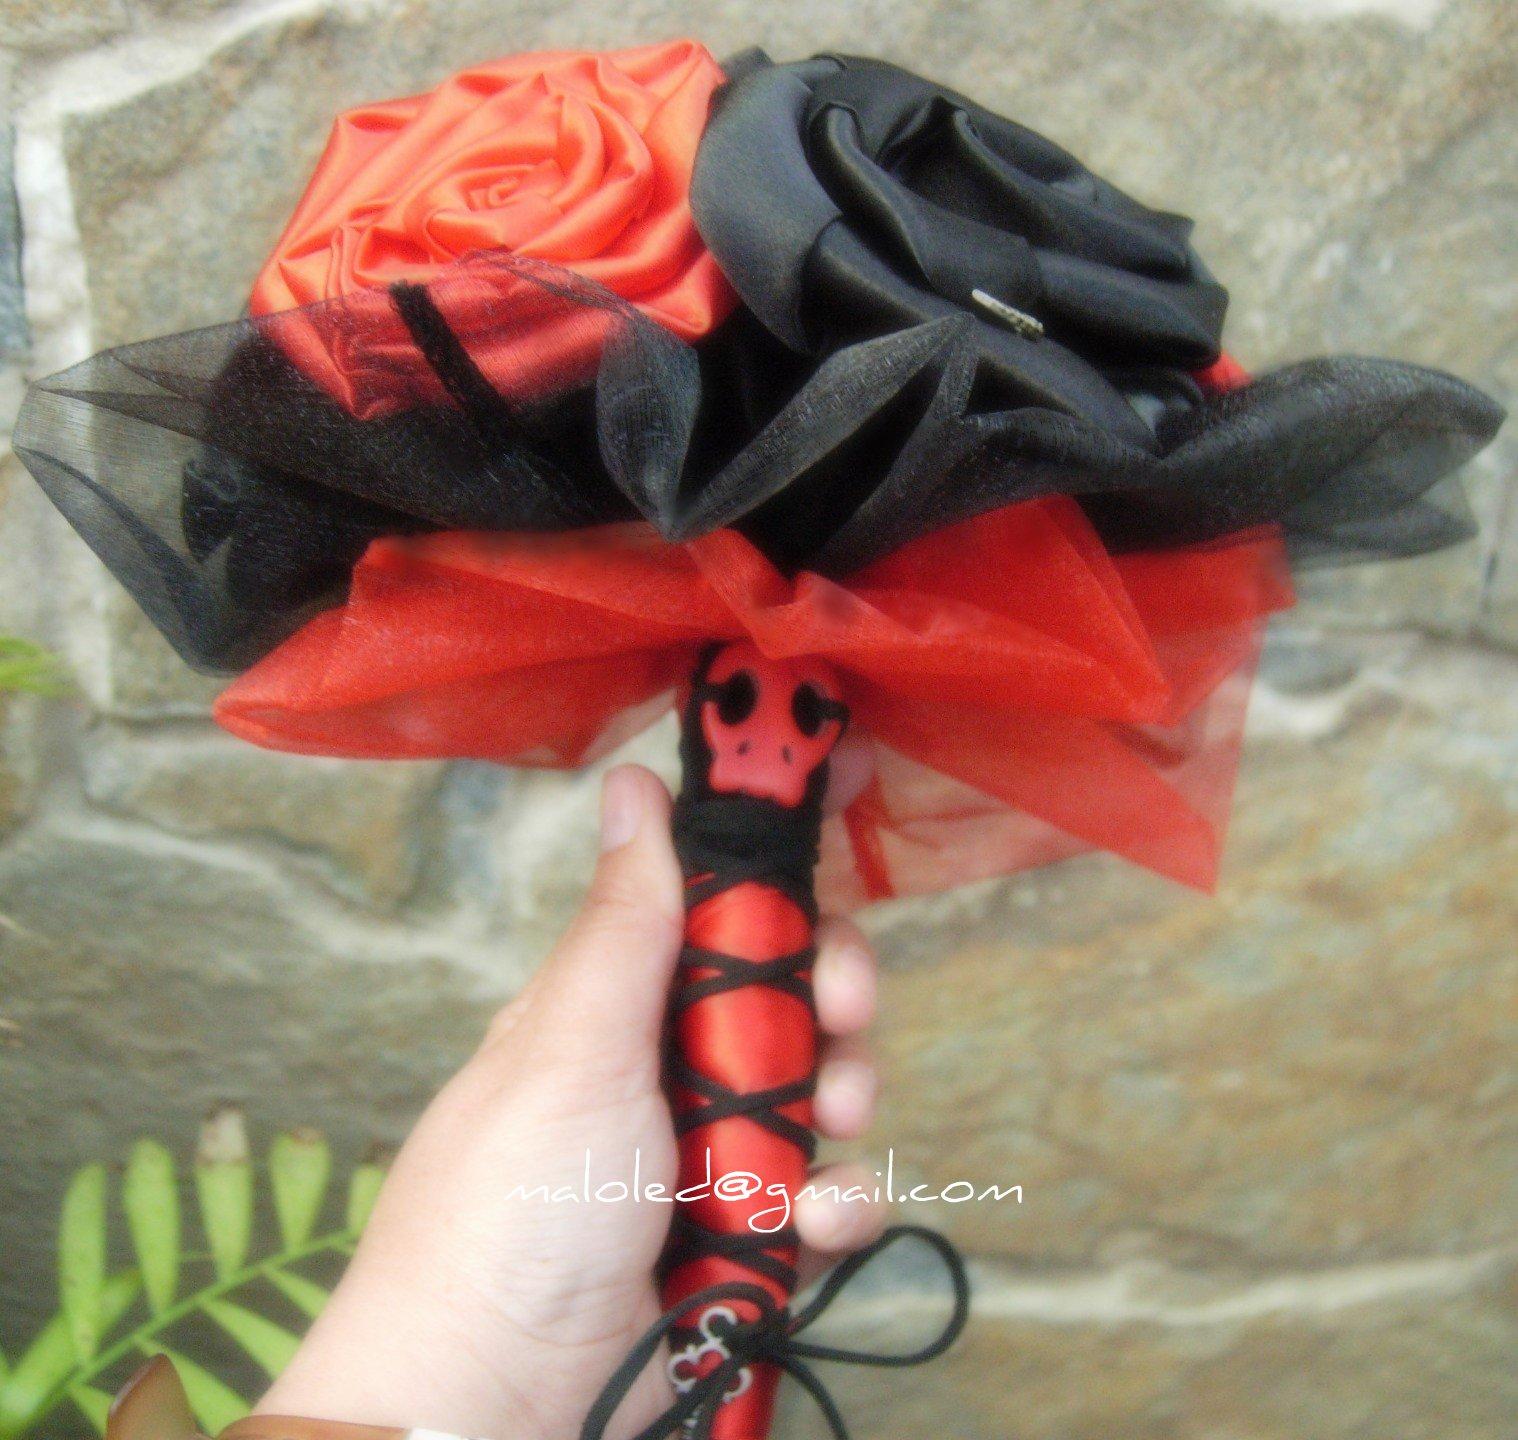 ramos de rosas negras para compartir Resultados de la  - Ramo De Rosas Negras Imagenes